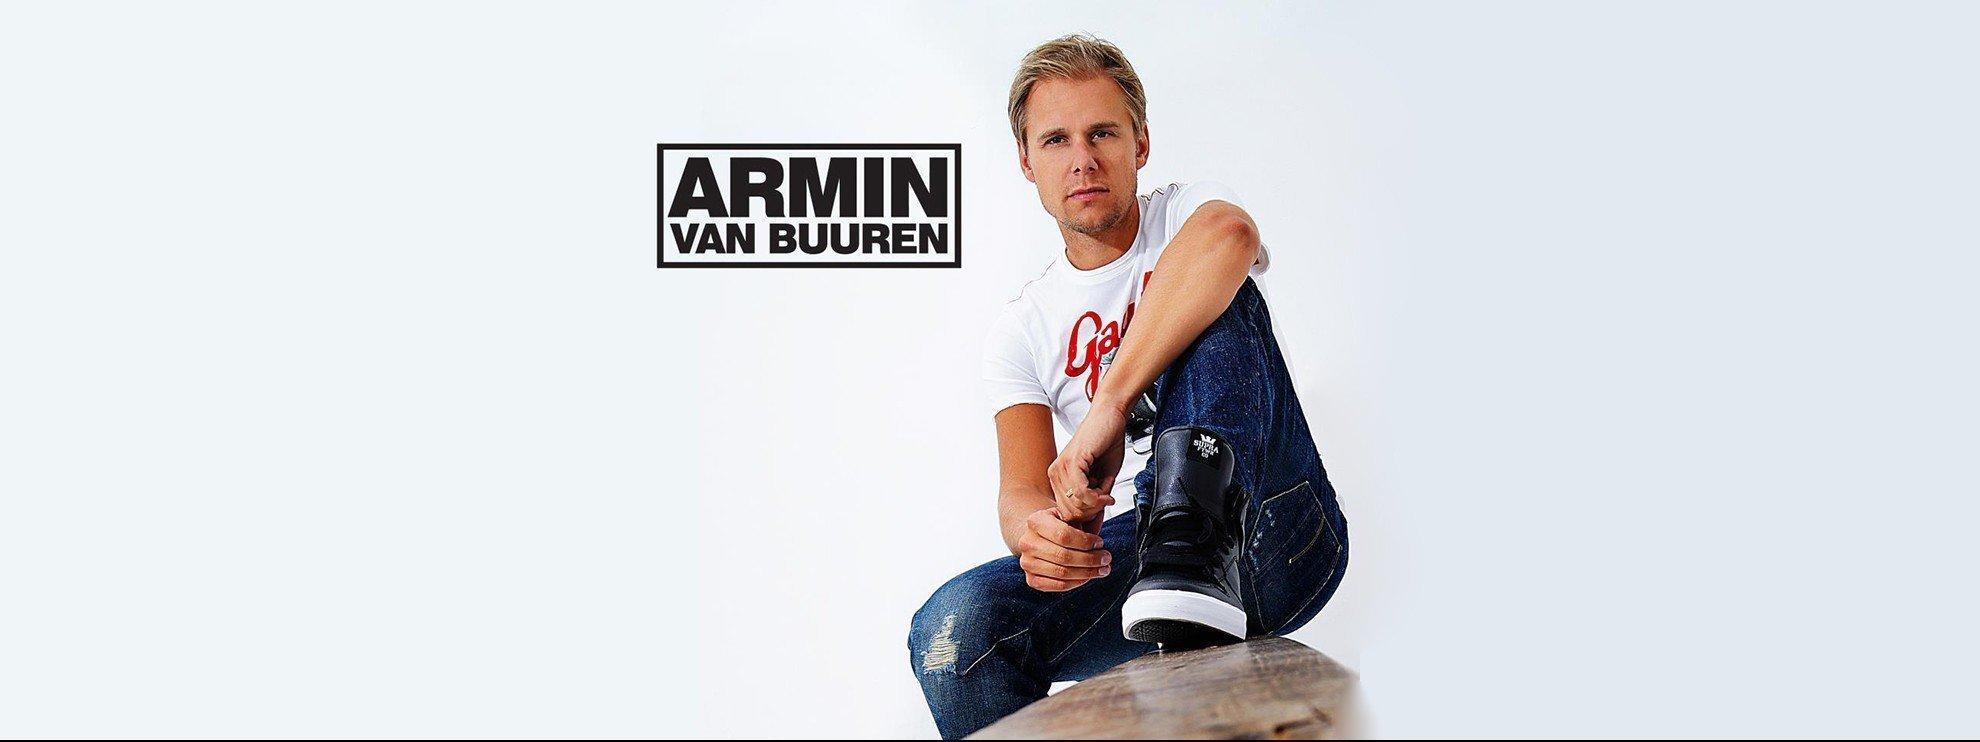 исполнитель Armin van Buuren (Армин ван Бюрен)